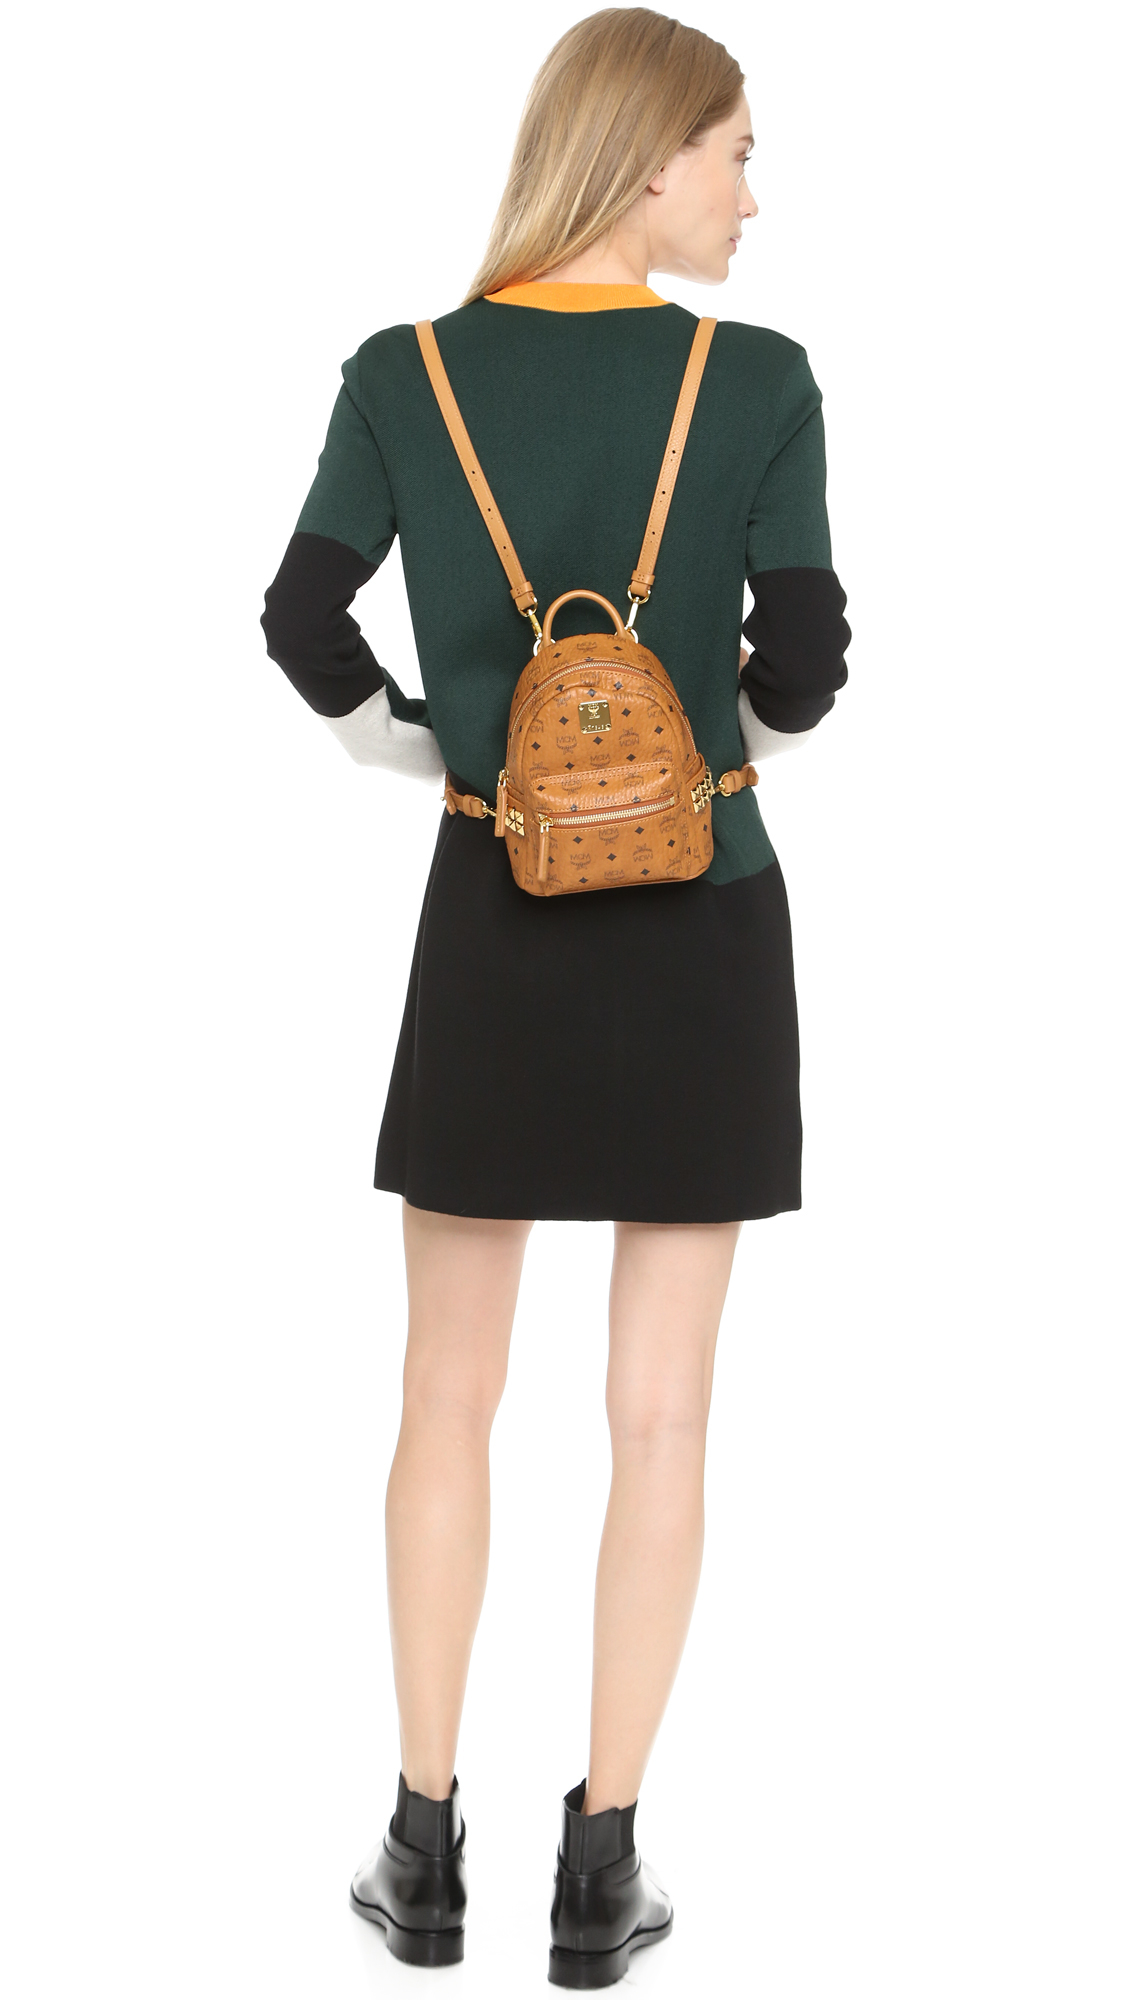 Lyst - MCM Side Stud Baby Stark Backpack - Cognac in Brown f99382ea05095